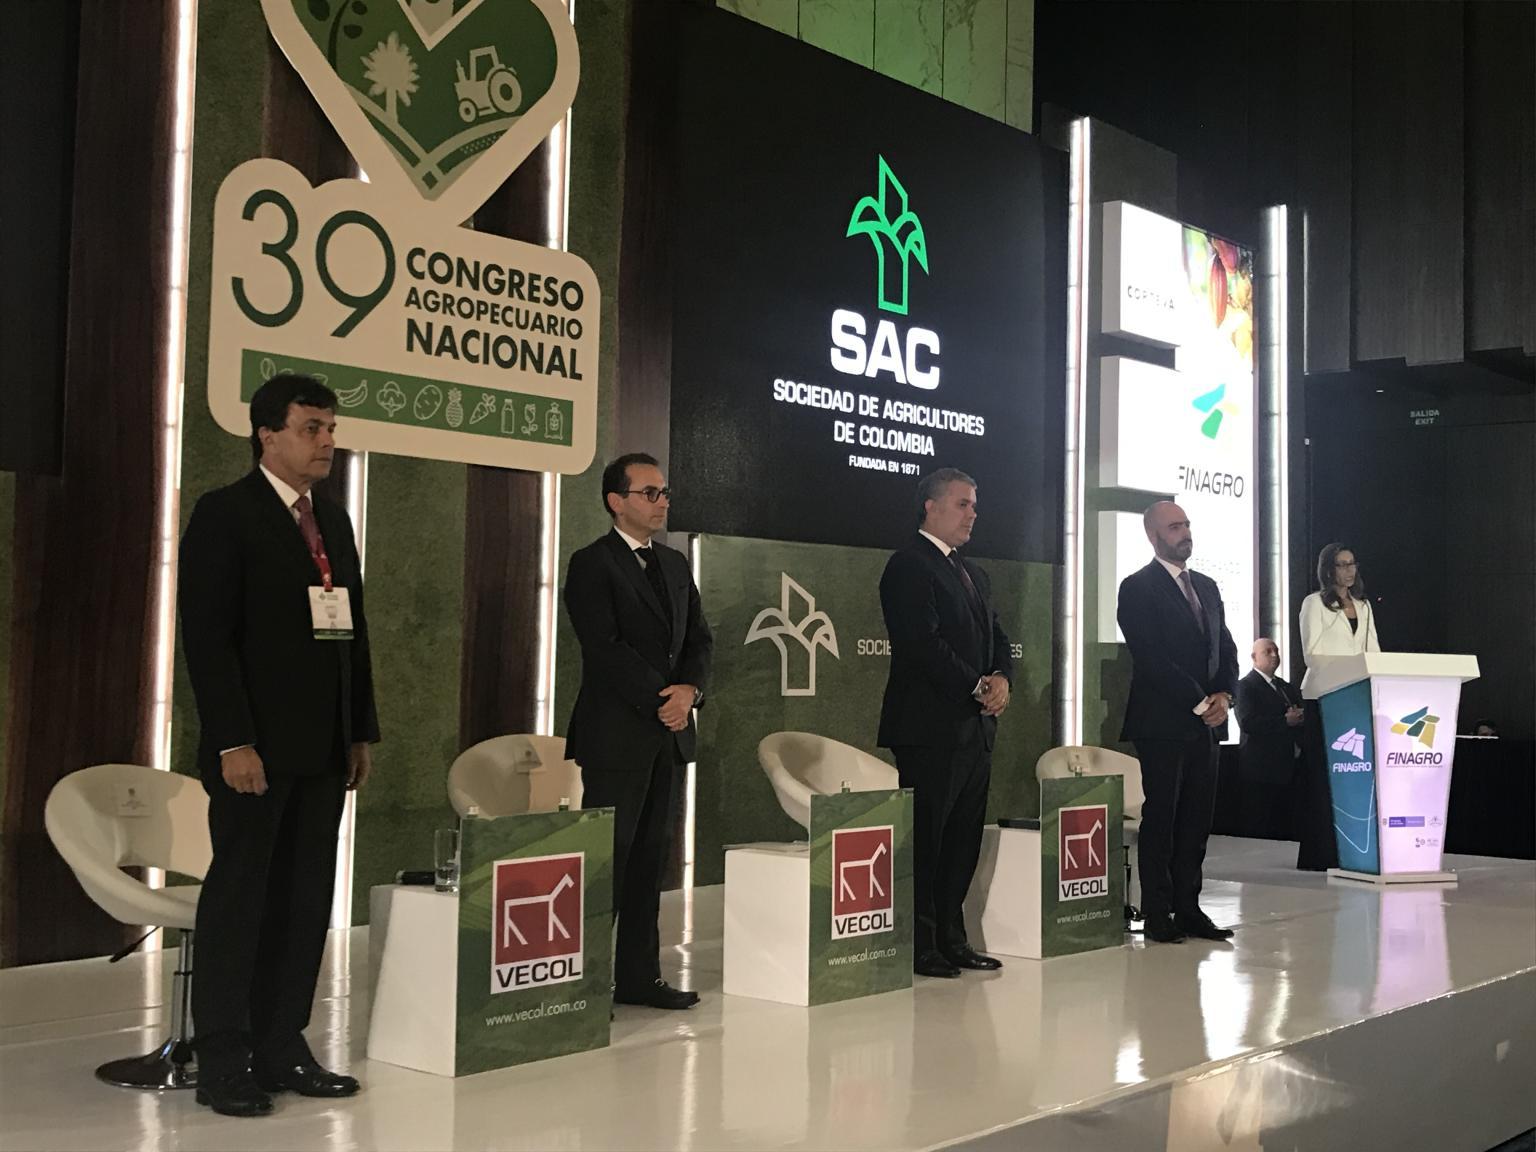 Gémina presente en el 39 Congreso Agropecuario Nacional de Colombia